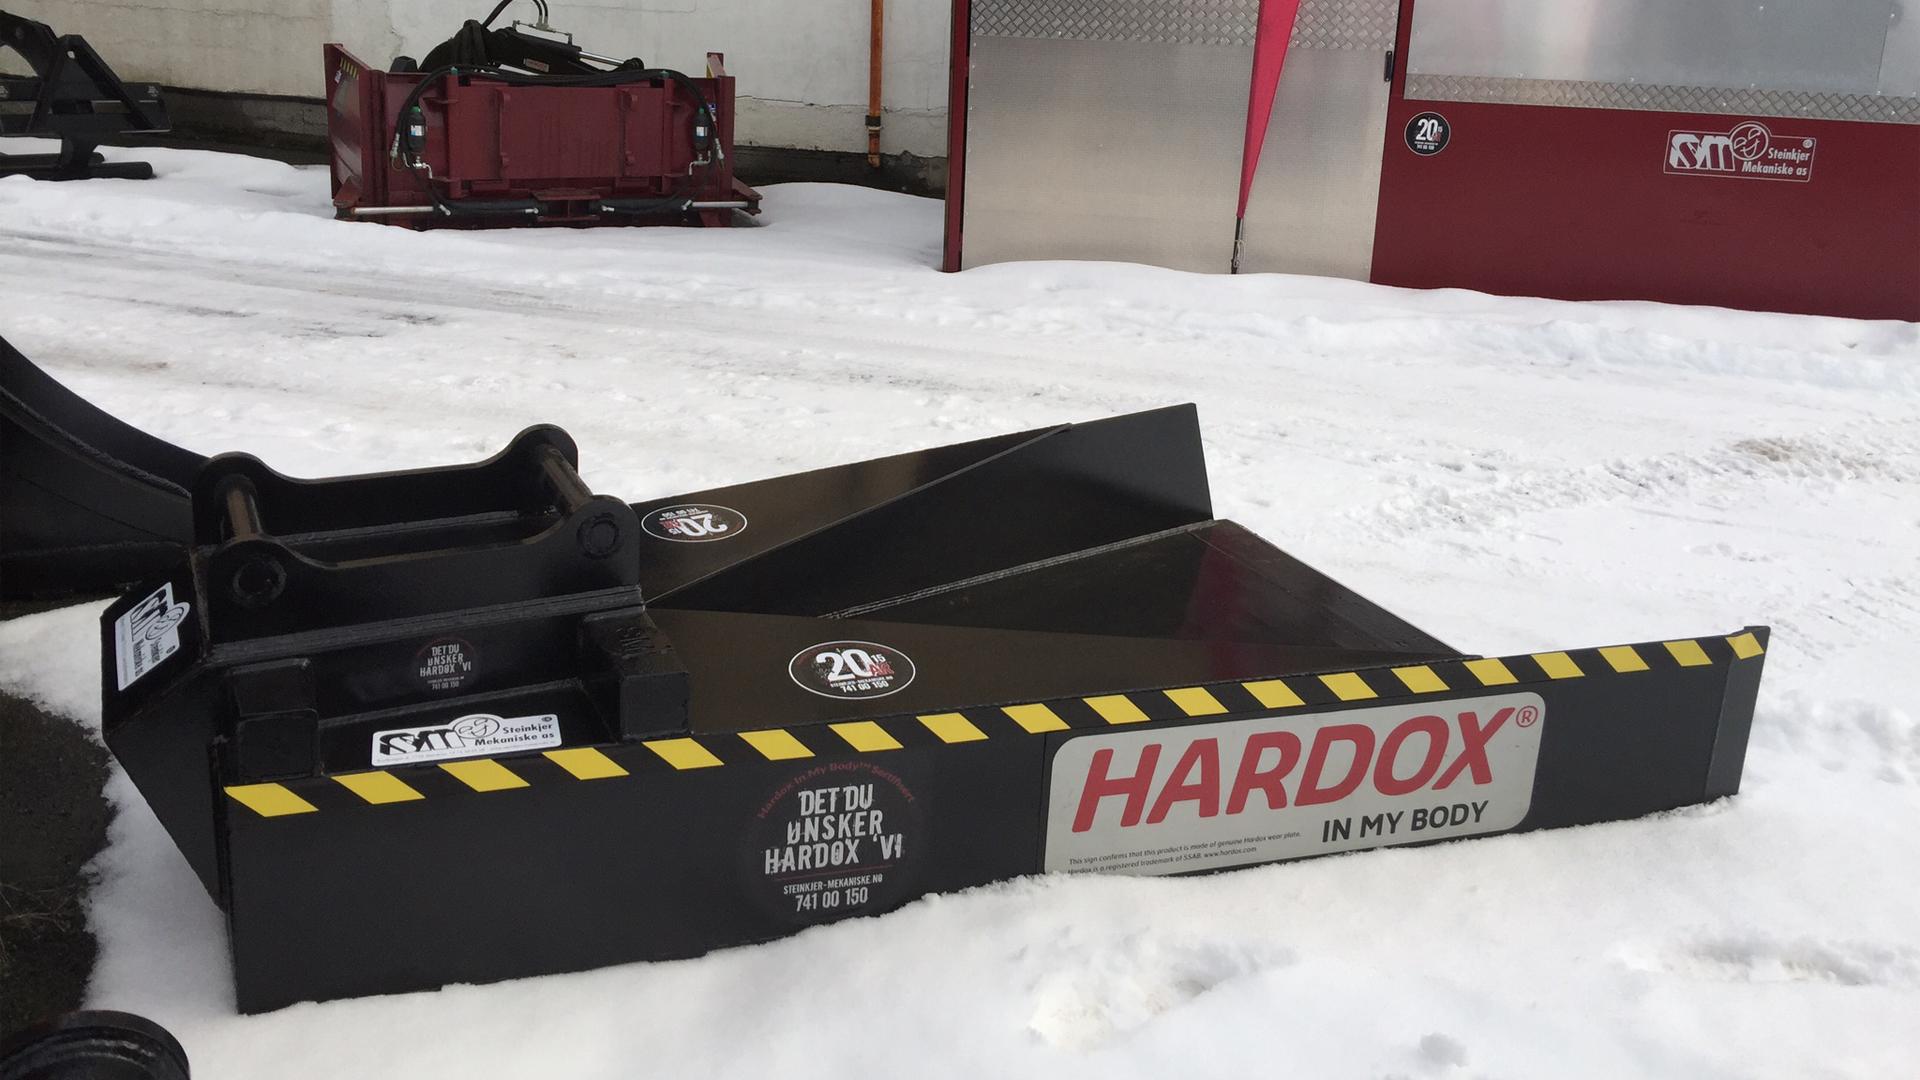 Steinkjer Mekaniske AS ~ NYE Kantrenskskjæret i Hardox 450 Stål